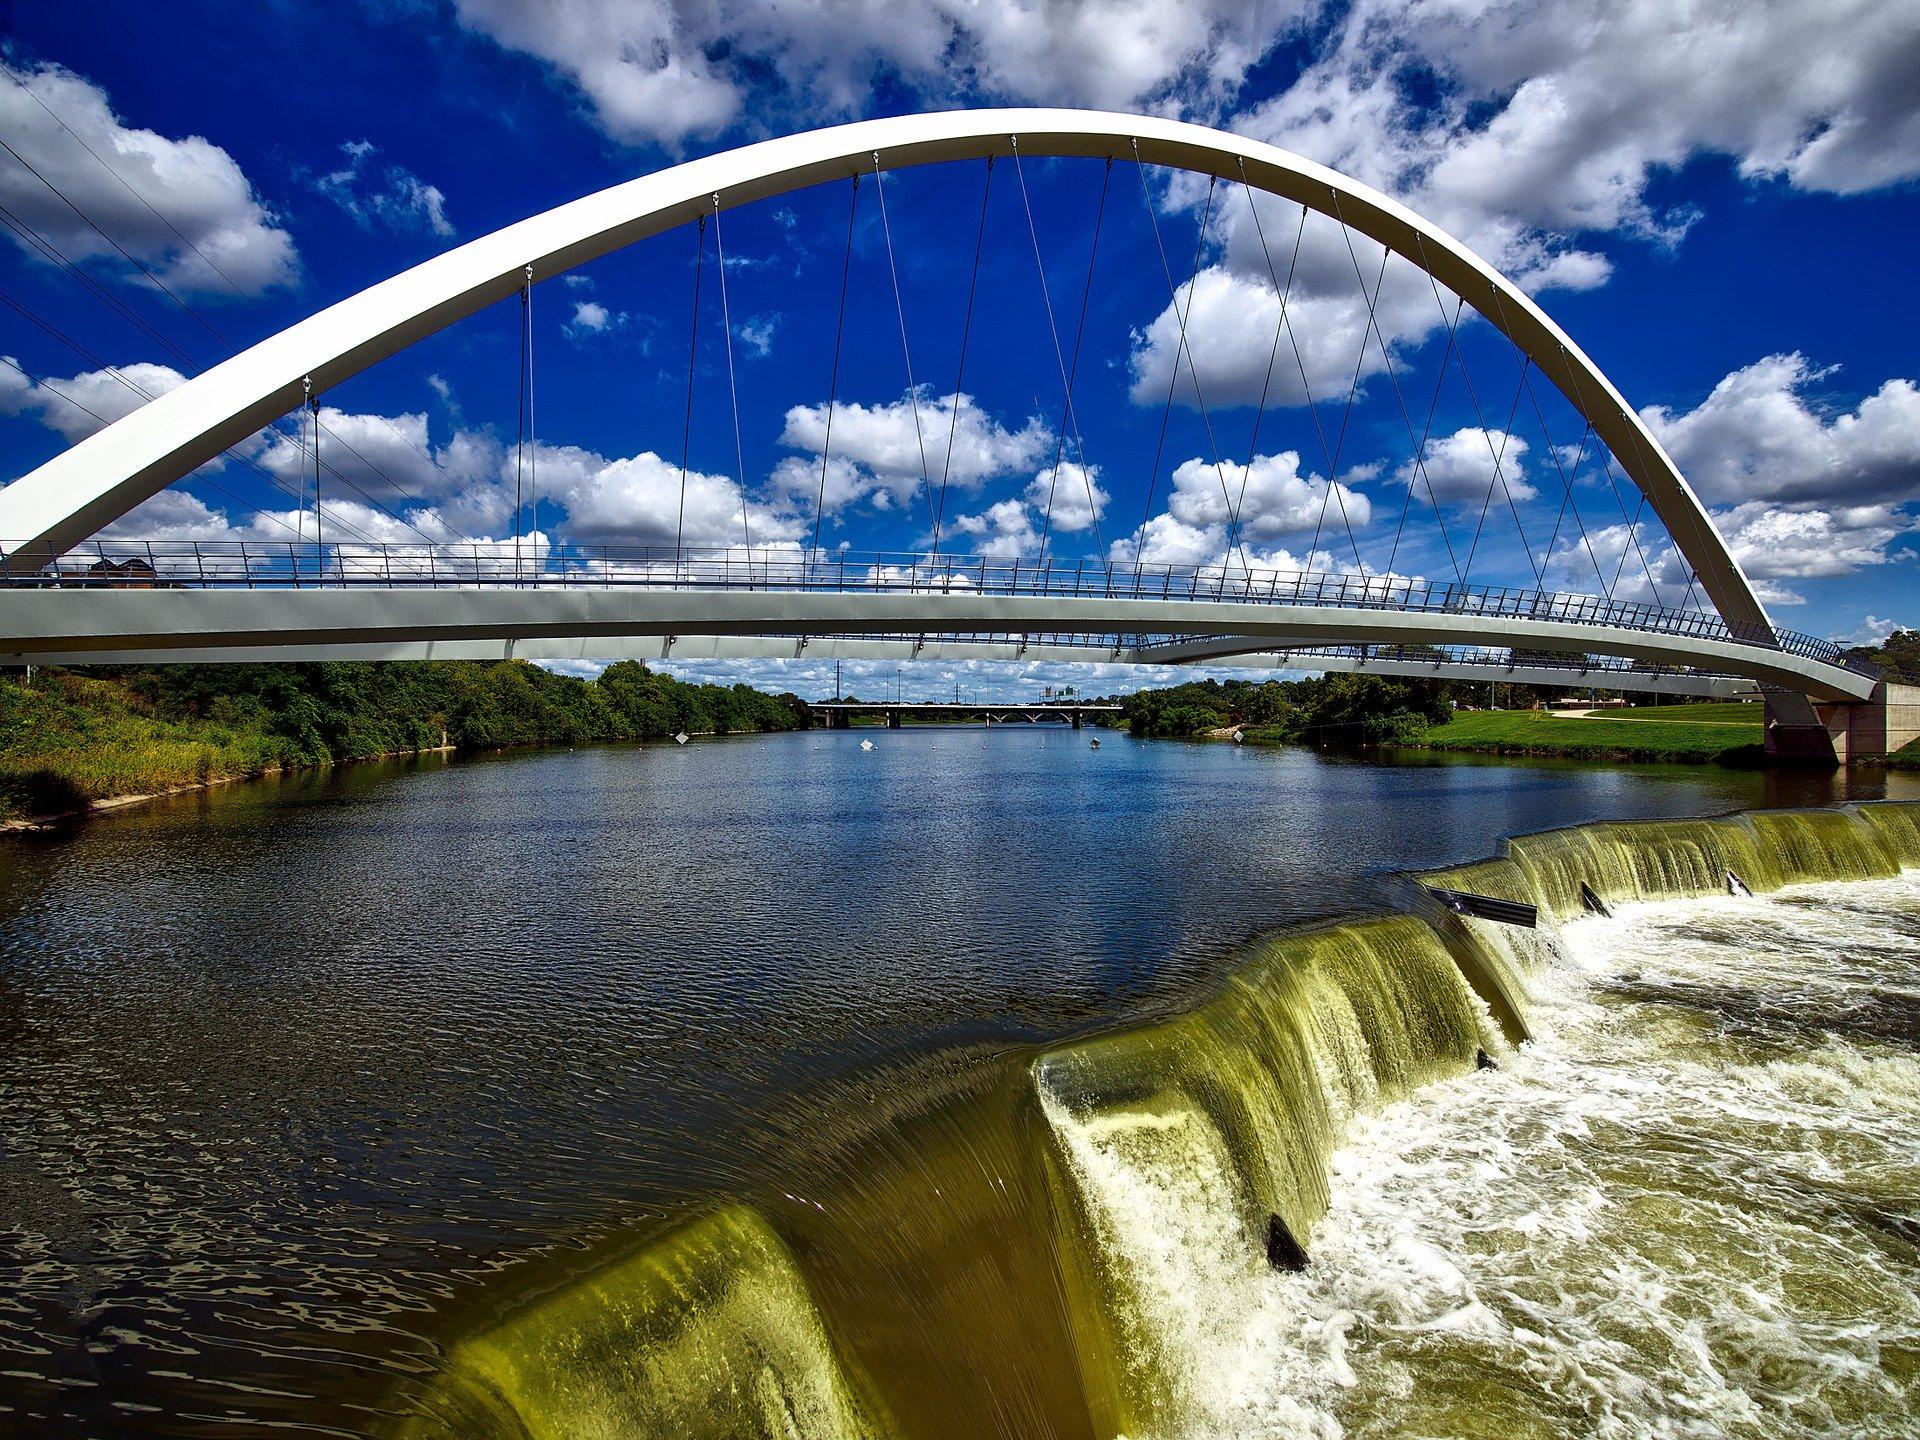 bridge-1728531_1920